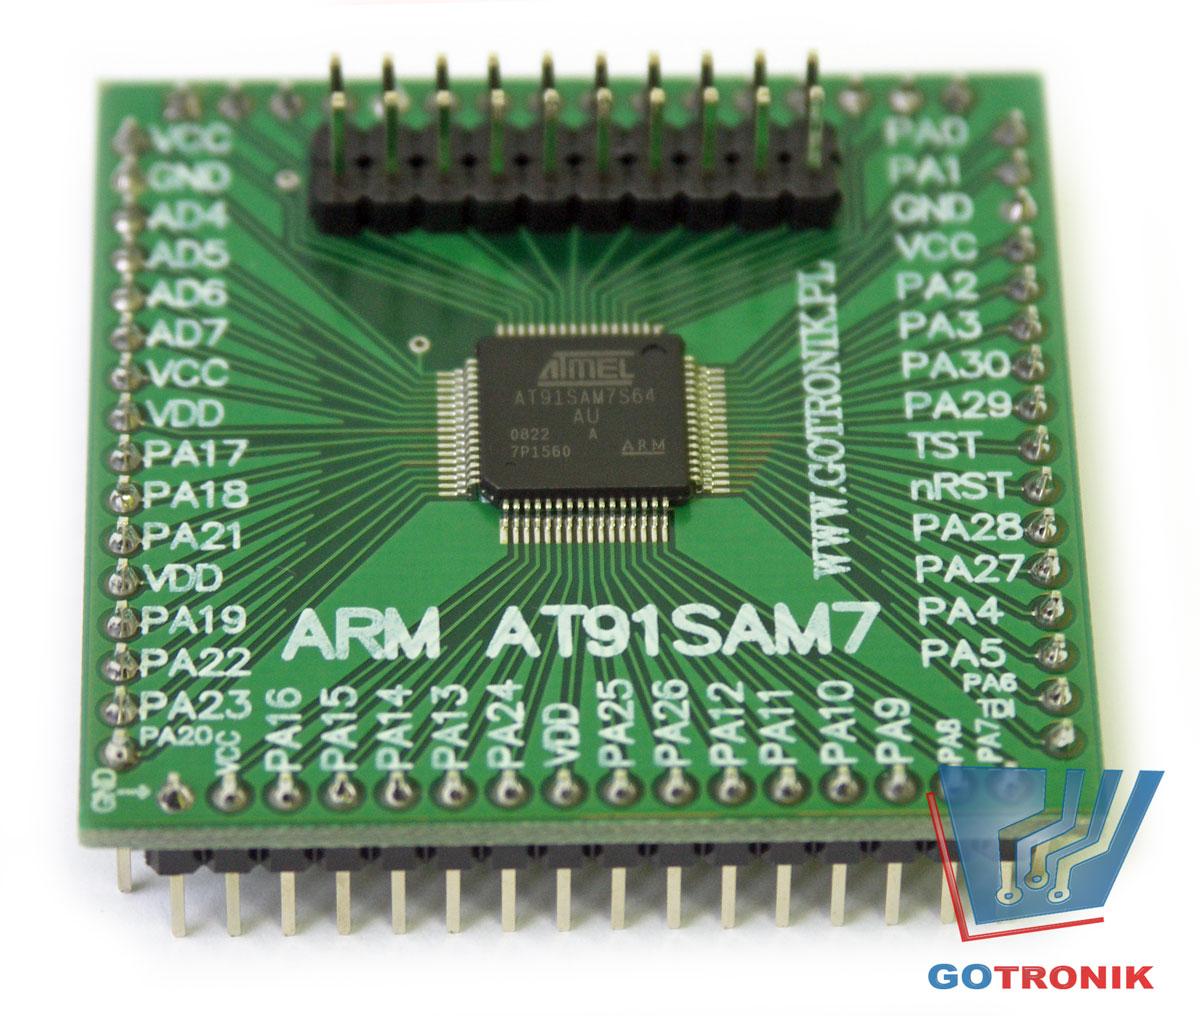 Mini moduł z procesorem ARM AT91SAM7S64